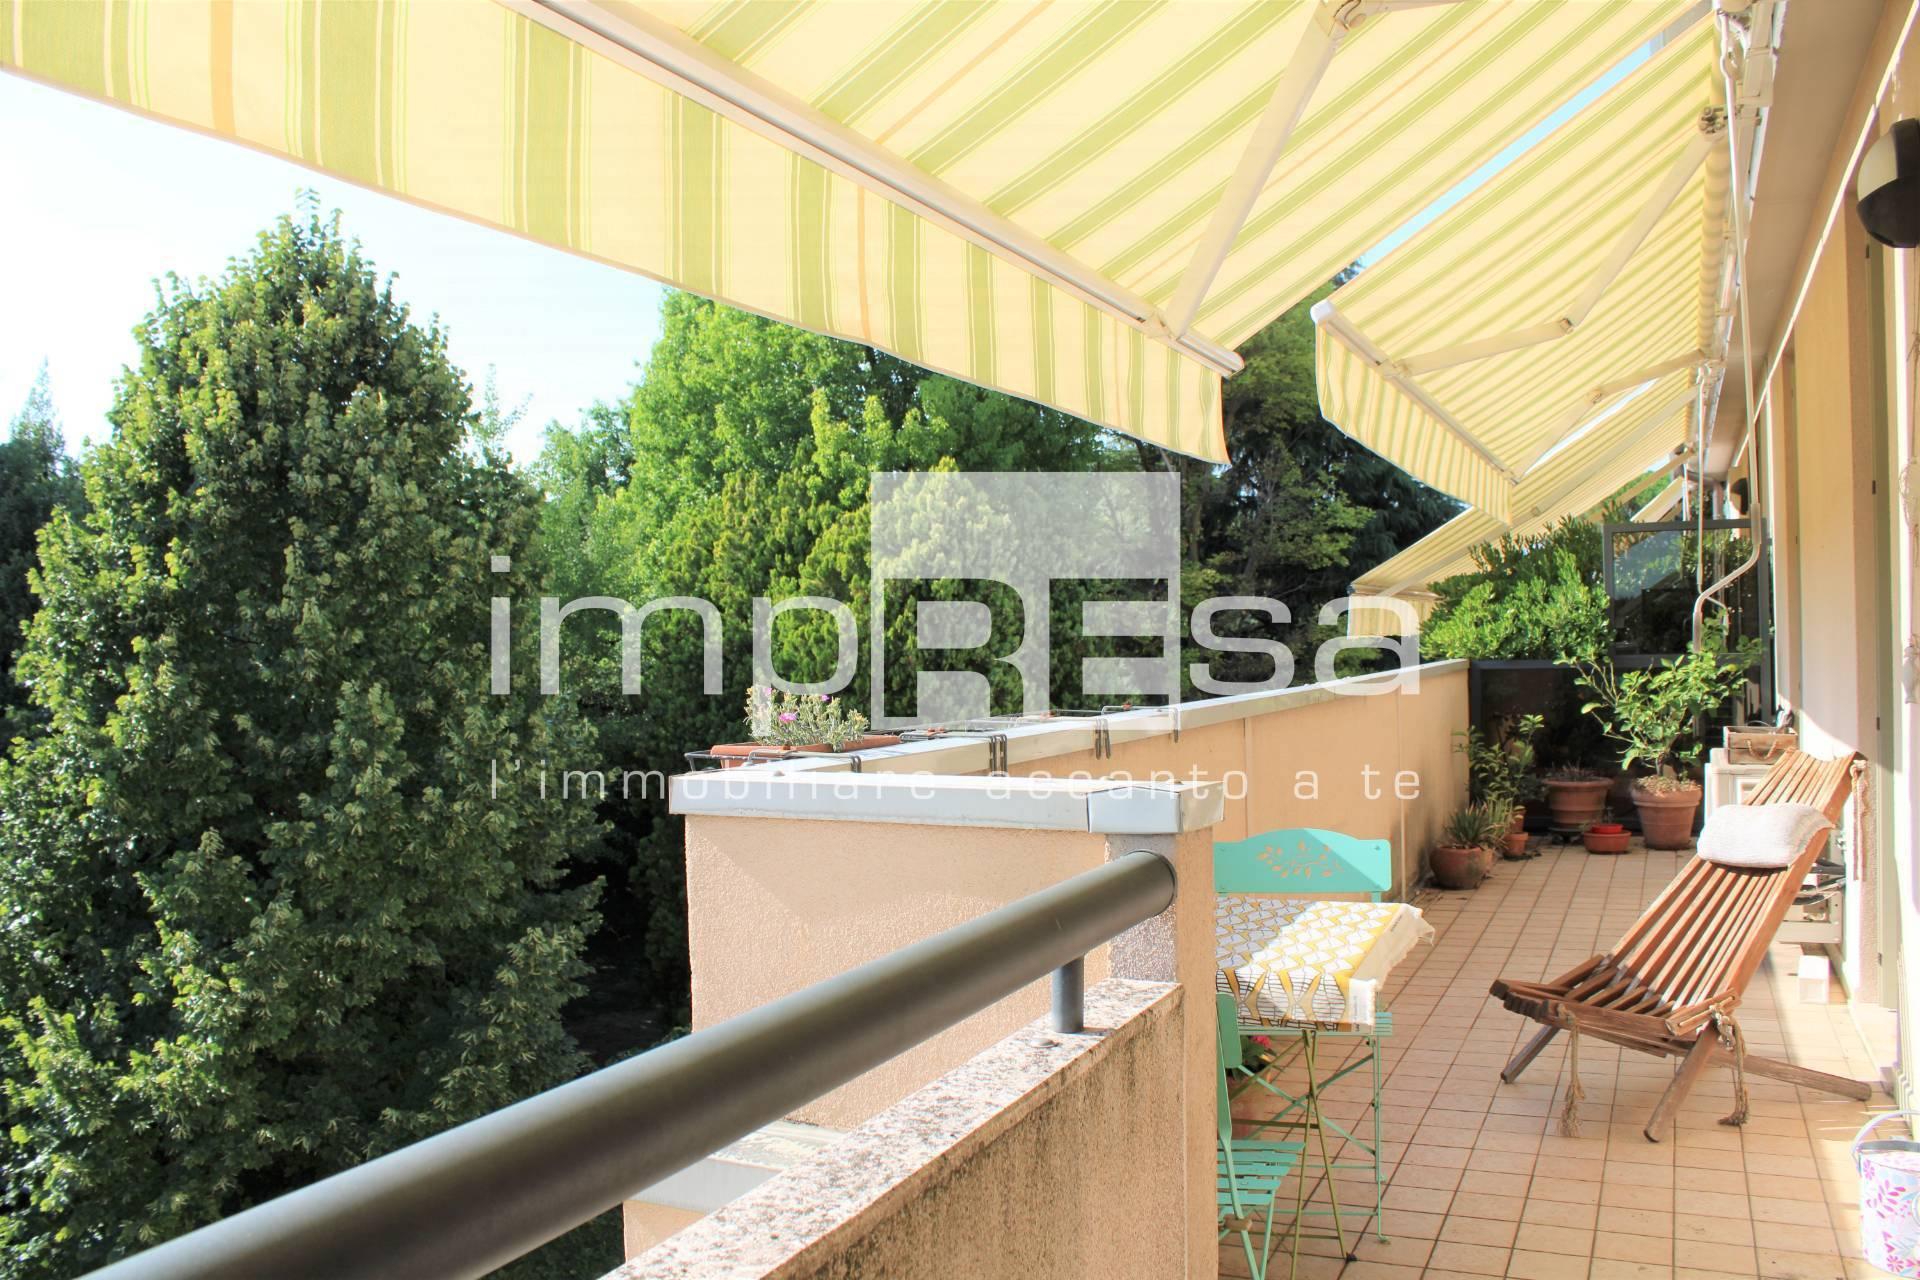 Appartamento in vendita a Mogliano Veneto, 4 locali, prezzo € 168.000 | PortaleAgenzieImmobiliari.it